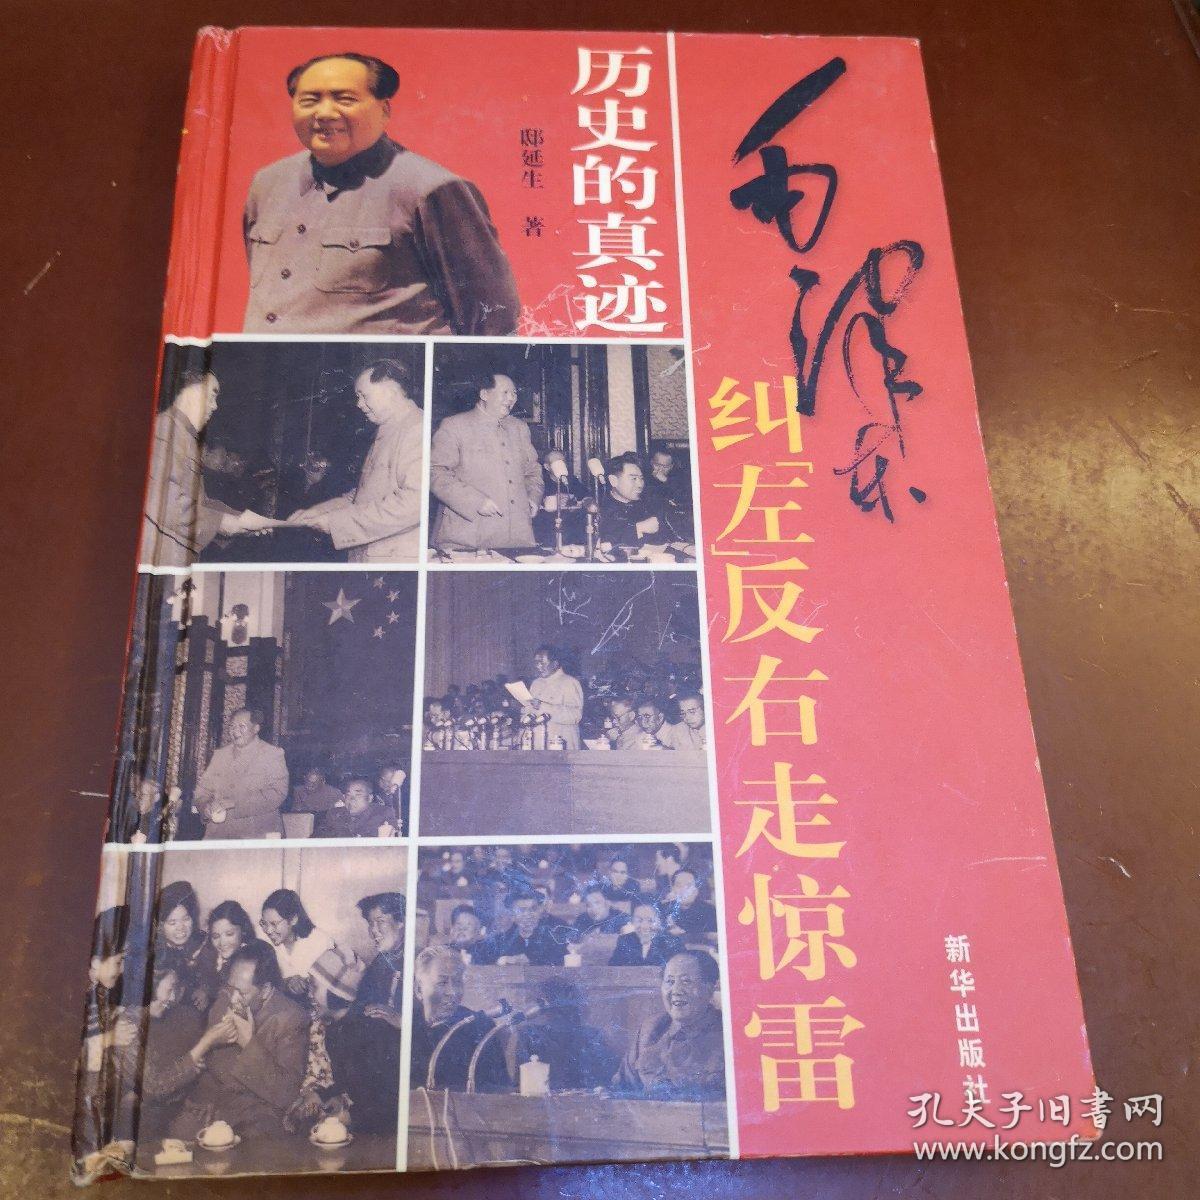 历史的真迹,毛泽东纠'左'反右走惊雷(10)